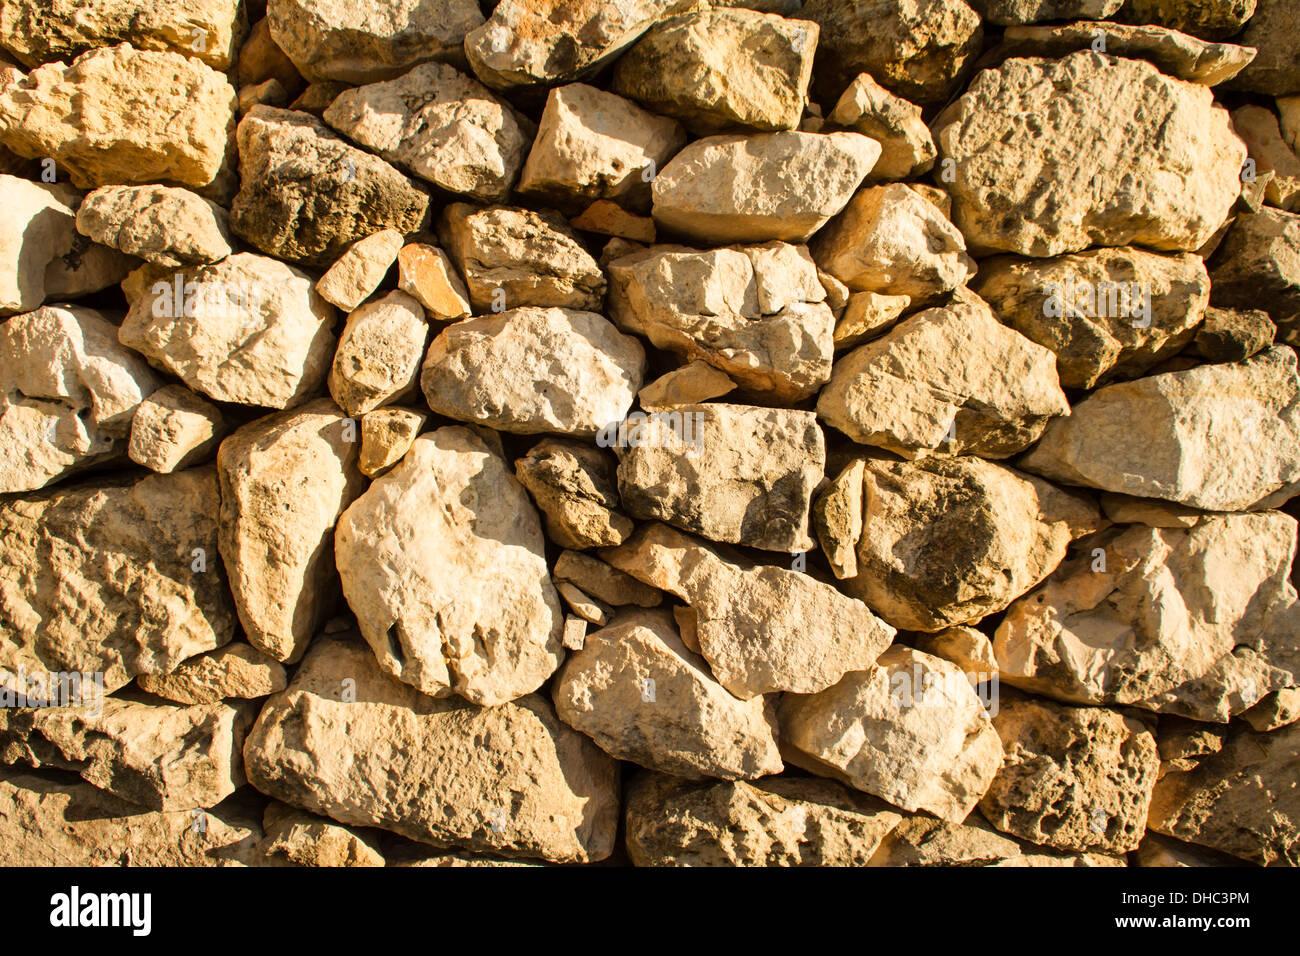 Facade Pebble Stock Photos & Facade Pebble Stock Images - Alamy